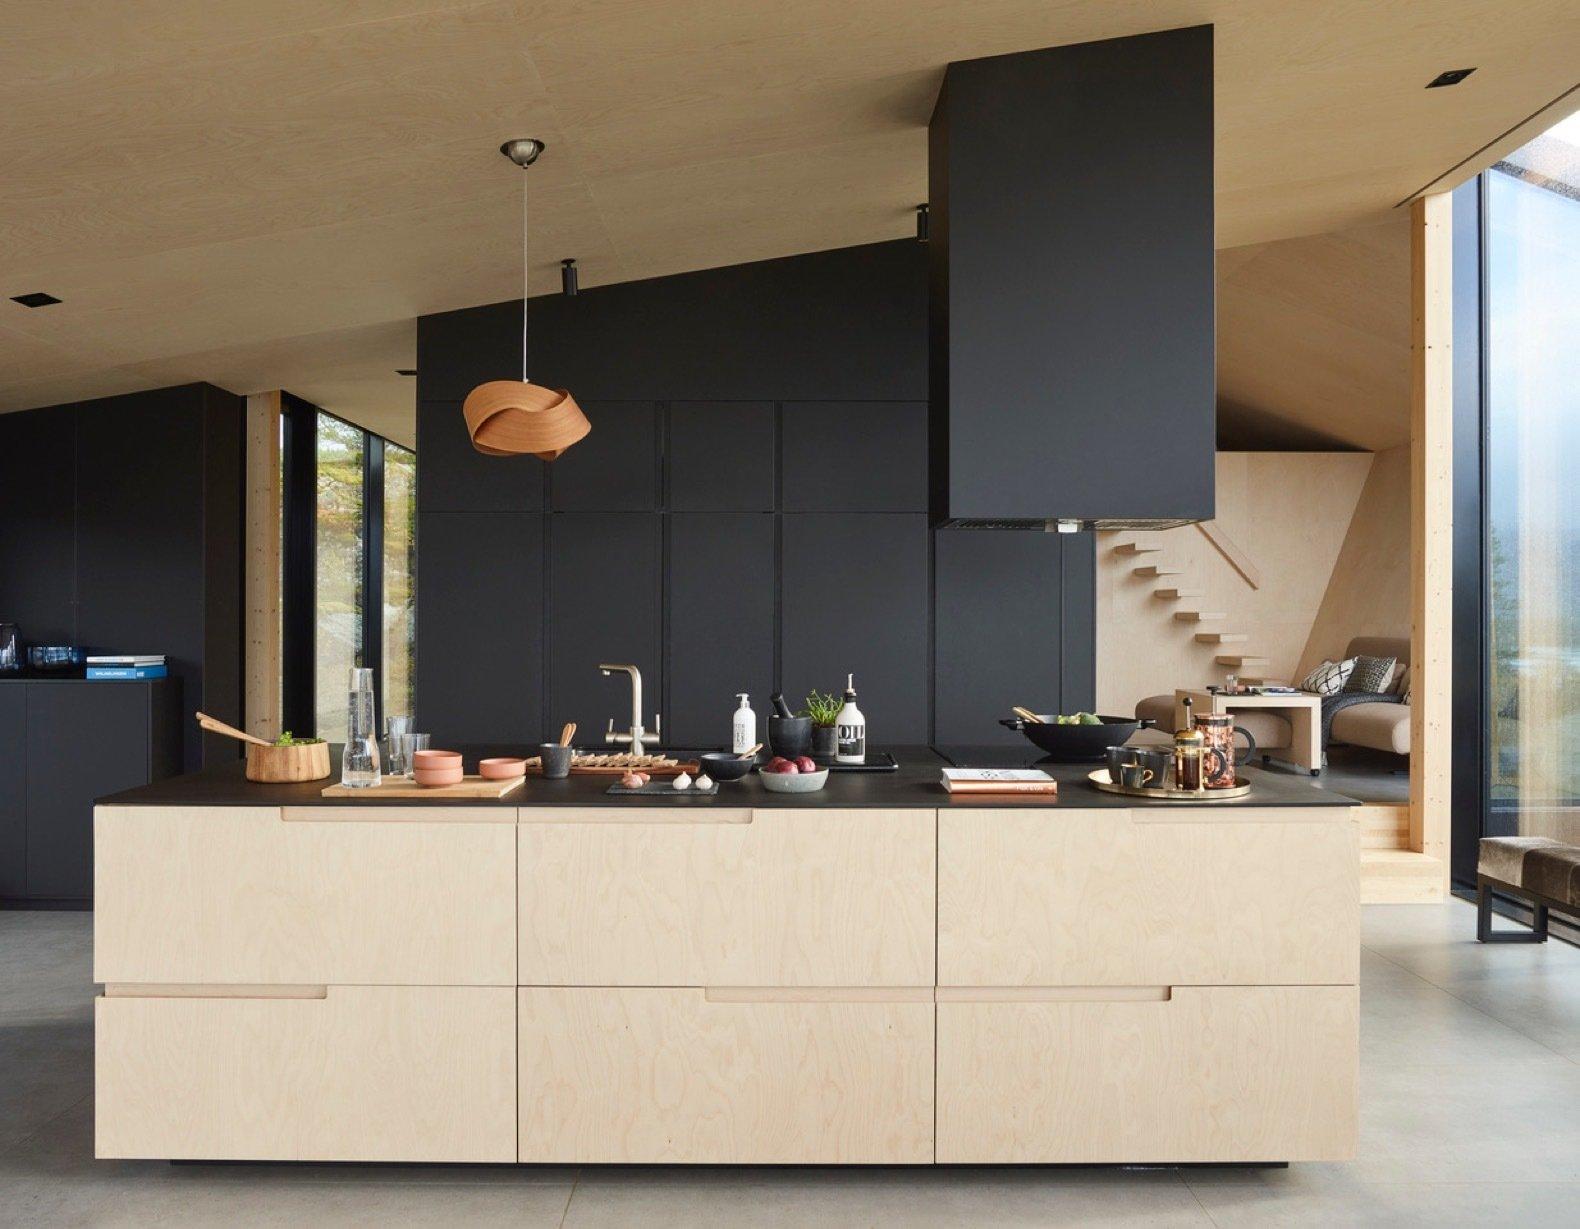 Ejford Cabin kitchen